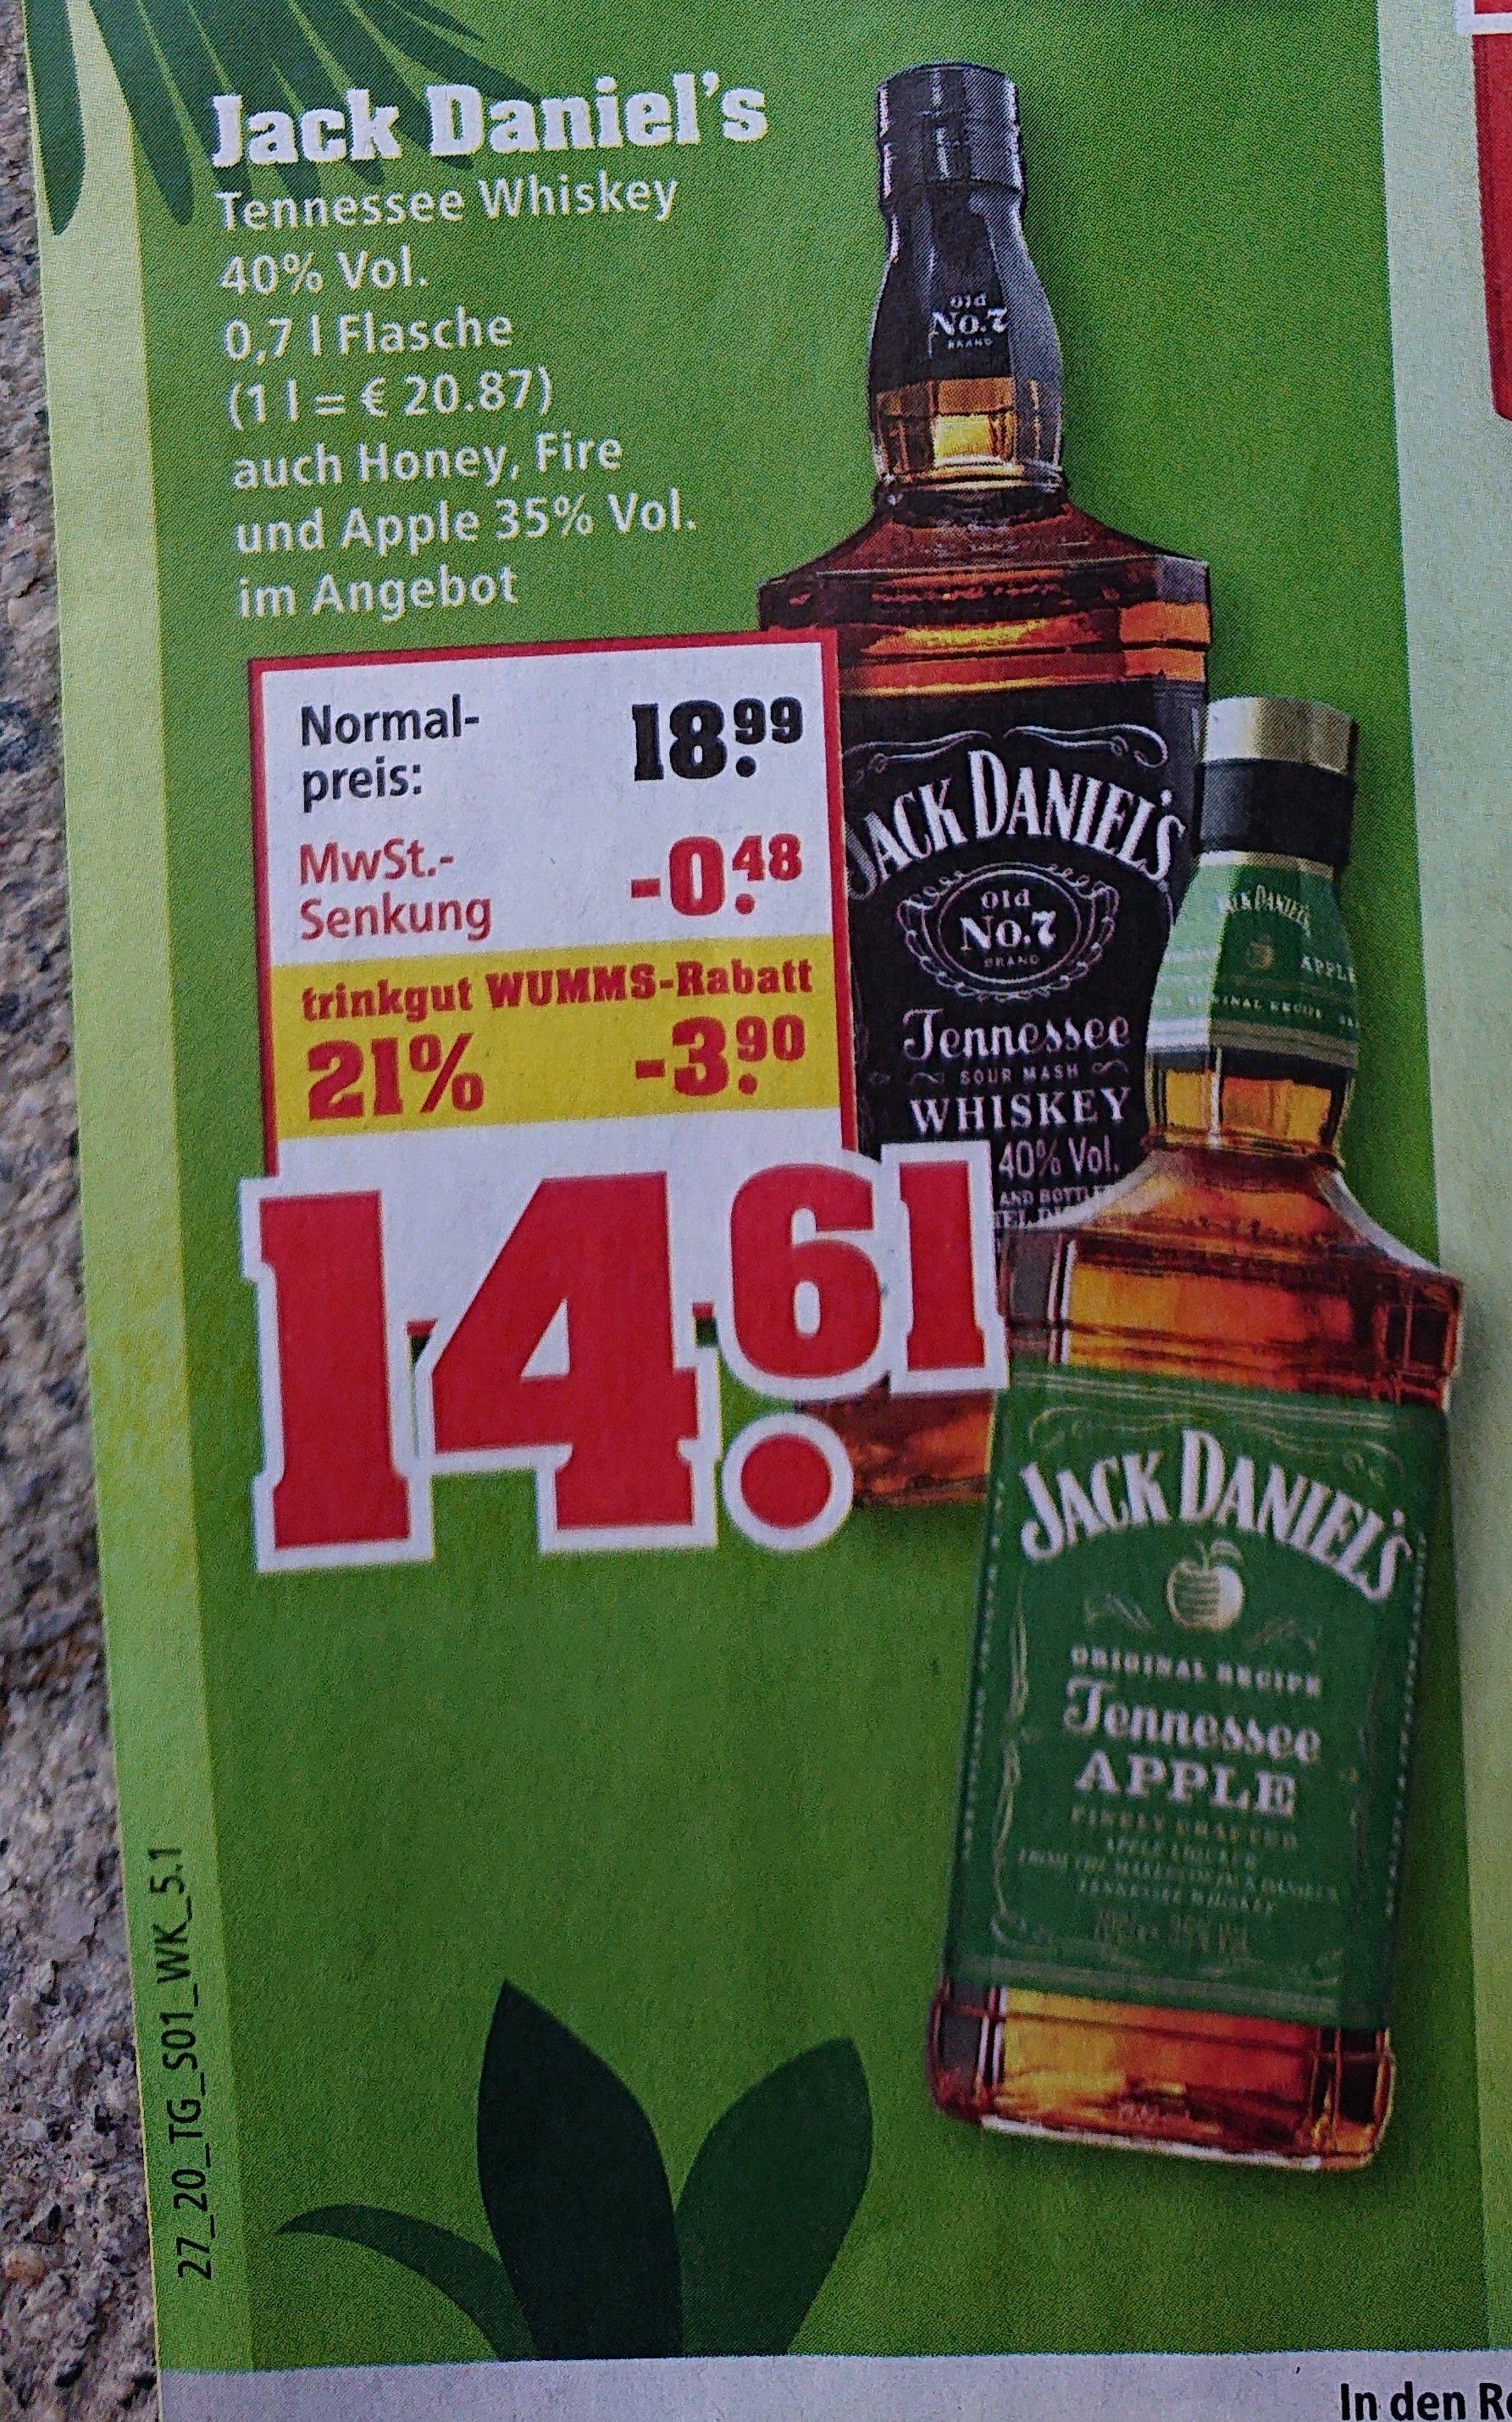 Jack Daniel's 14,61 € / Jägermeister 10,22 € (0,7 l) [Trinkgut] [29.06. - 04.07.2020]